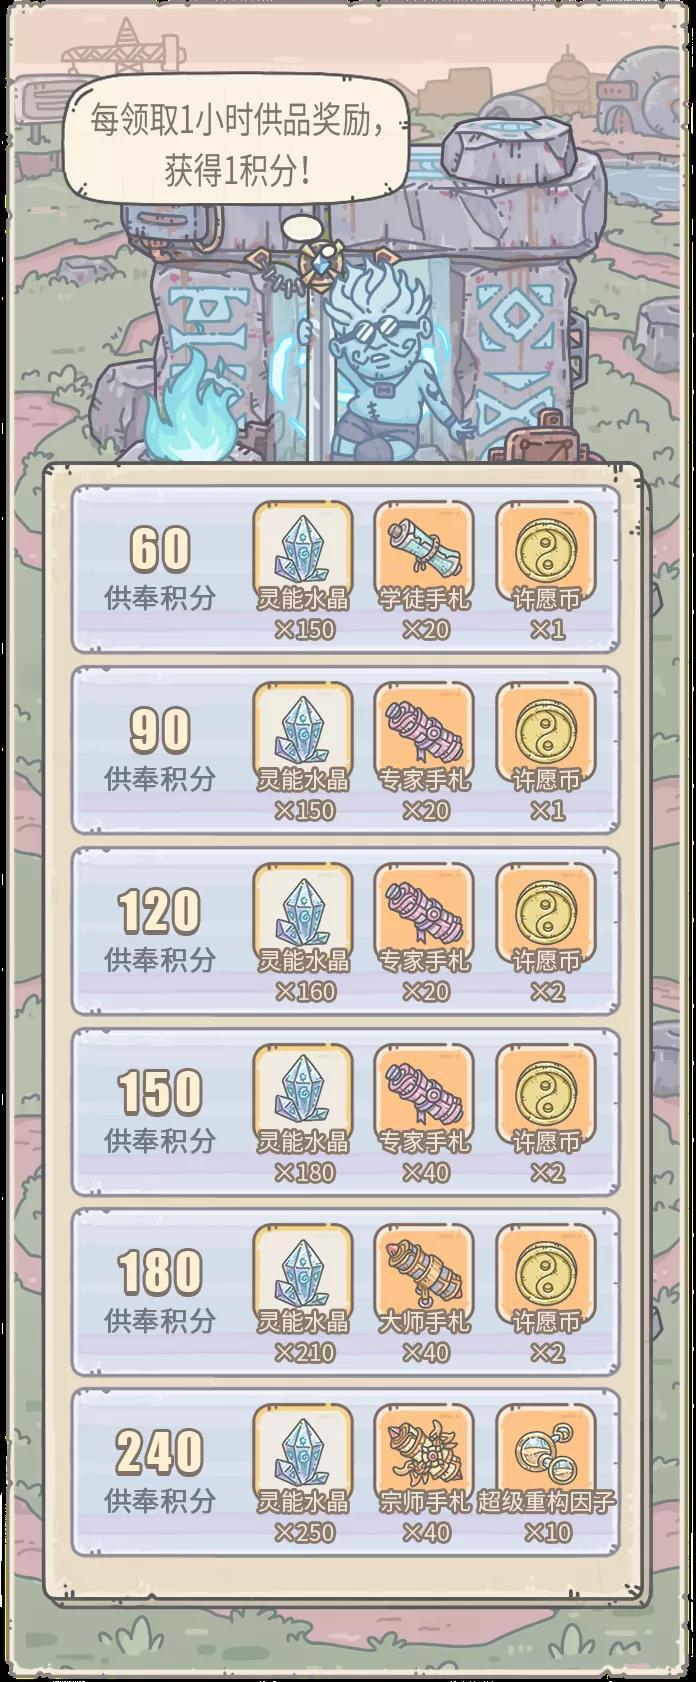 最强蜗牛8月7日供奉秘仪攻略大全 供奉周技巧心得分享